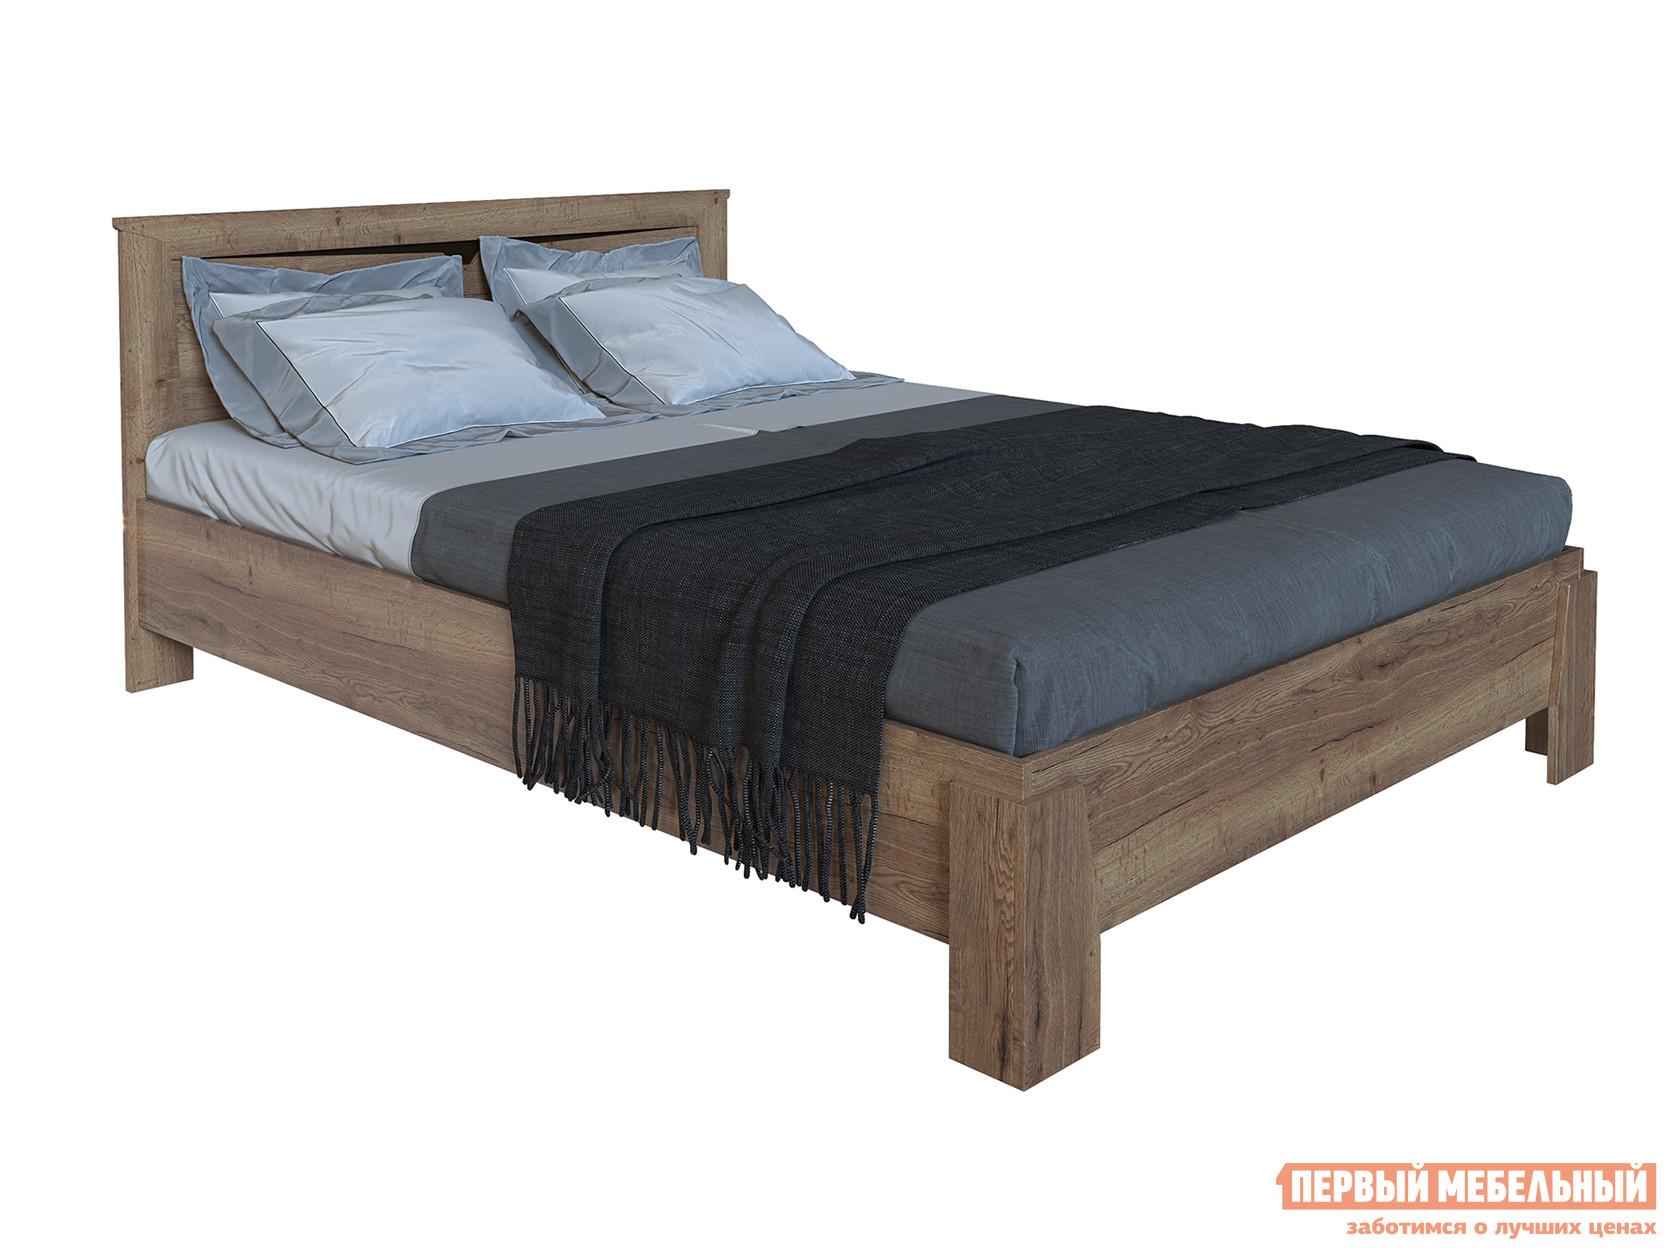 Полутороспальная кровать Первый Мебельный Кровать Гарда NEW 140х200 полутороспальная кровать первый мебельный кровать гарда new 140х200